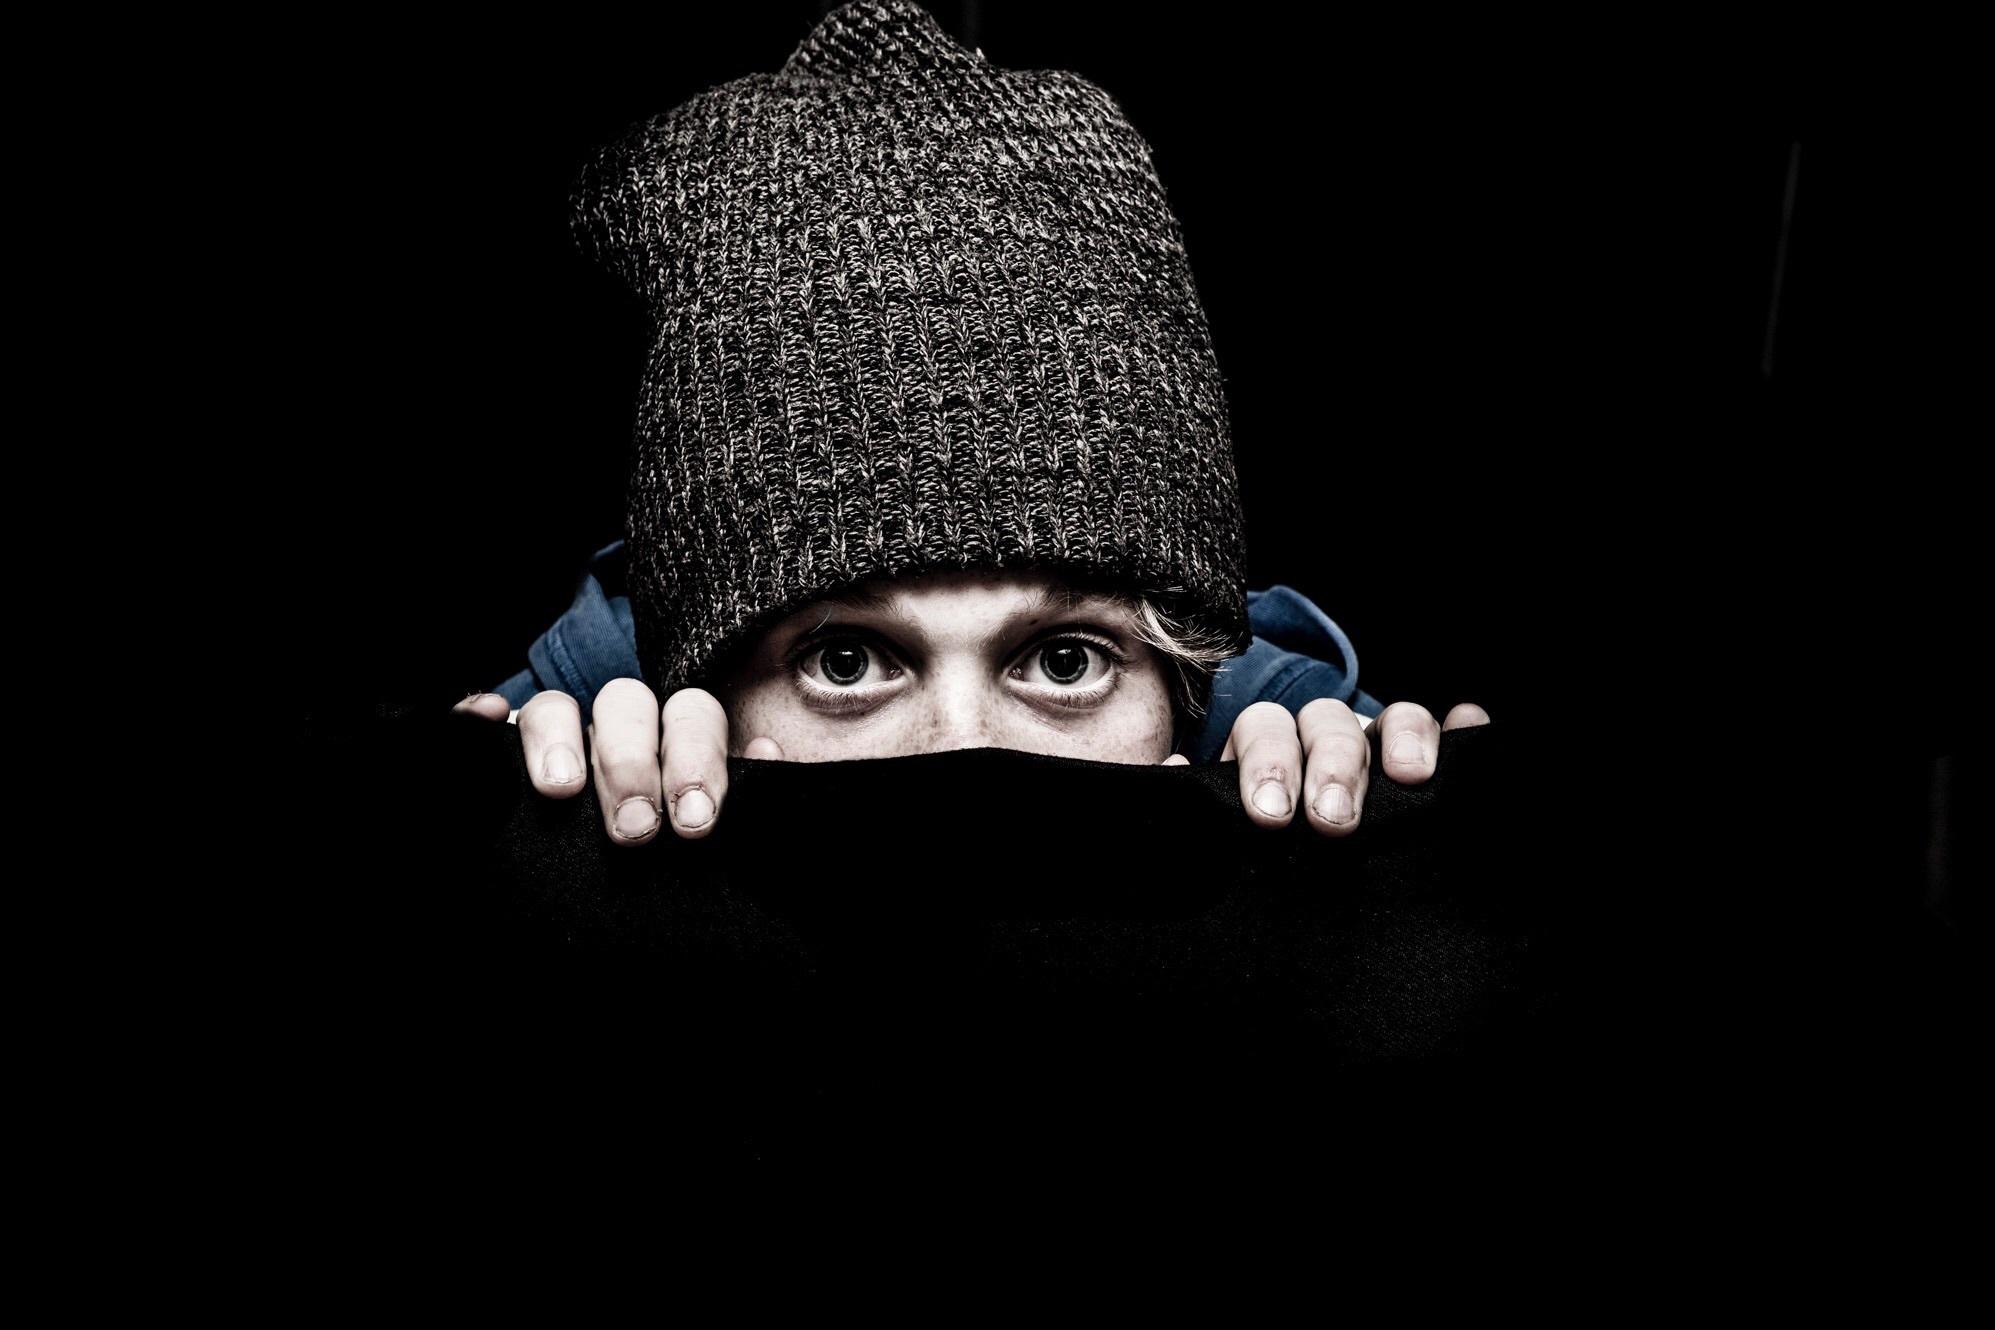 How to not be shy | আপনি কি অতিরিক্ত লাজুক । লজ্জাবোধ দূর করার তিনটি কার্যকরী উপায় ( অবশ্যই ভালোর জন্য)